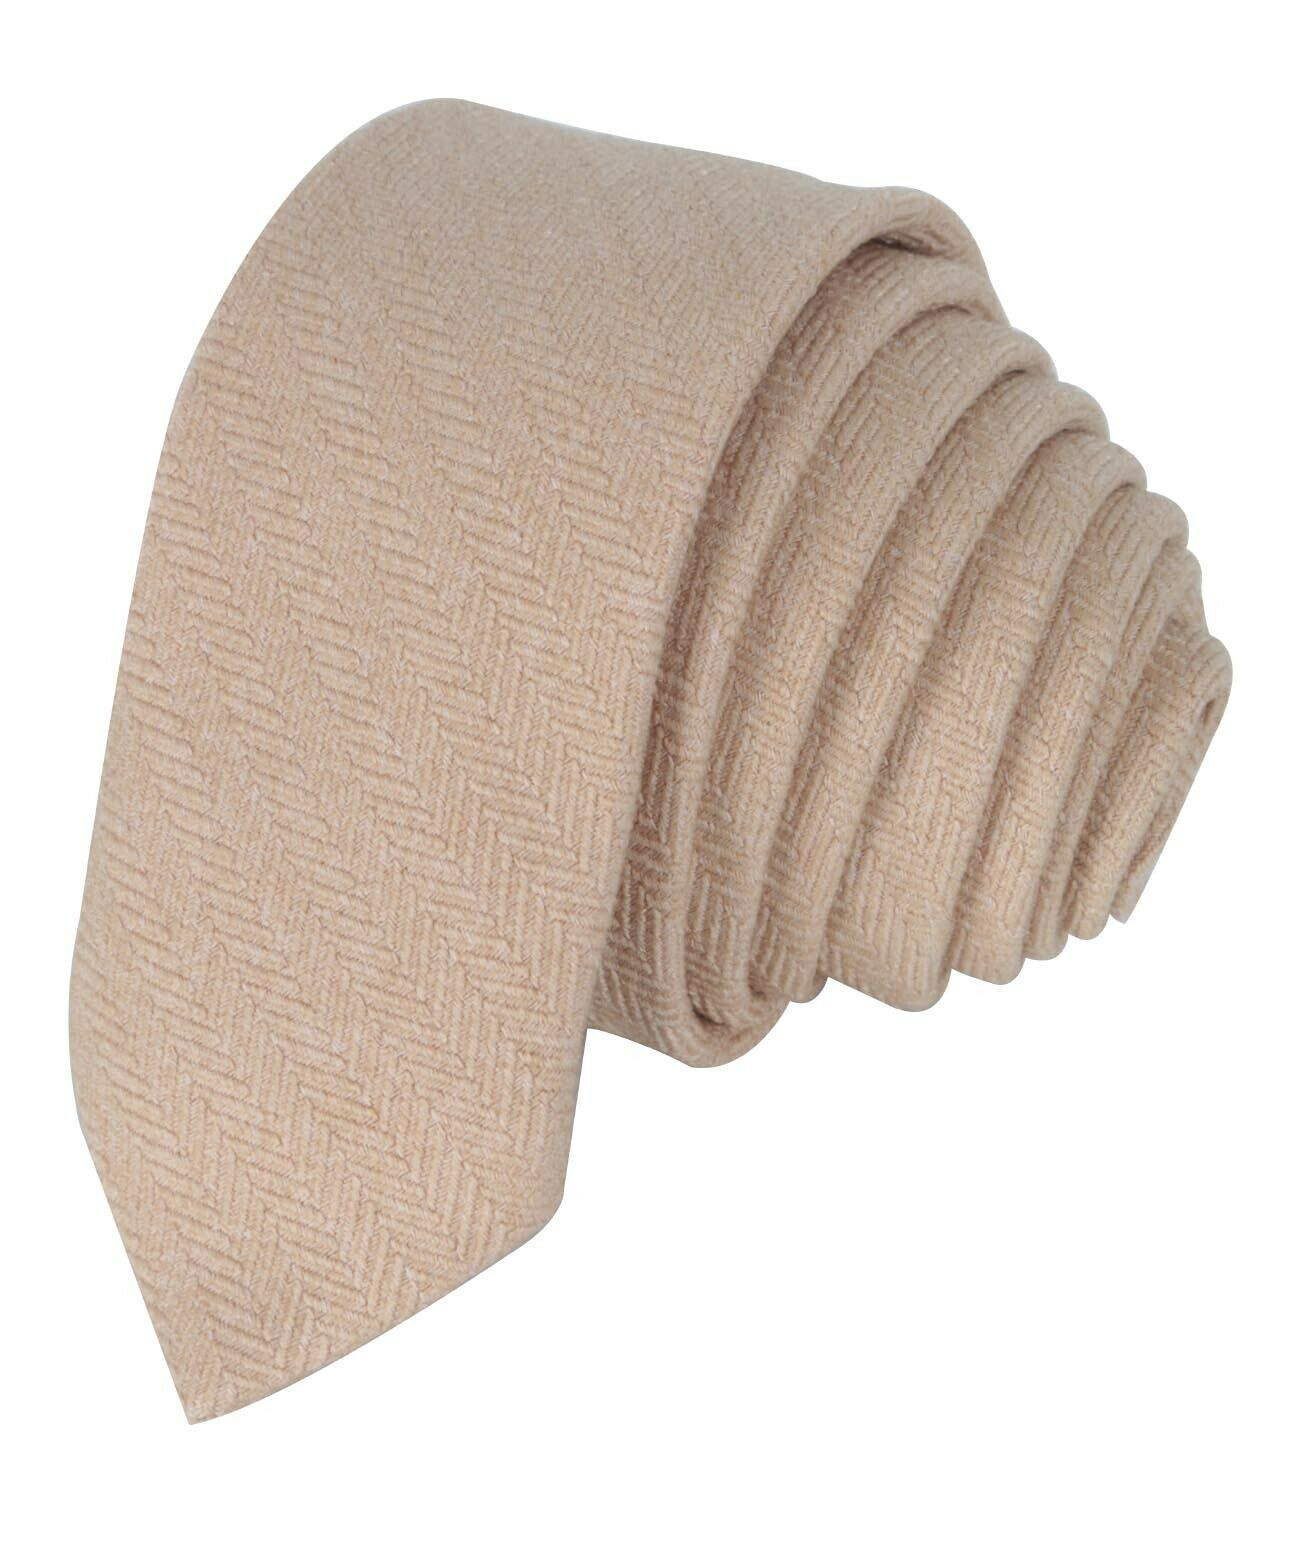 Mens Boys Kids Wedding Herringbone Tweed Beige Slim Tie /& Pocket Square Set